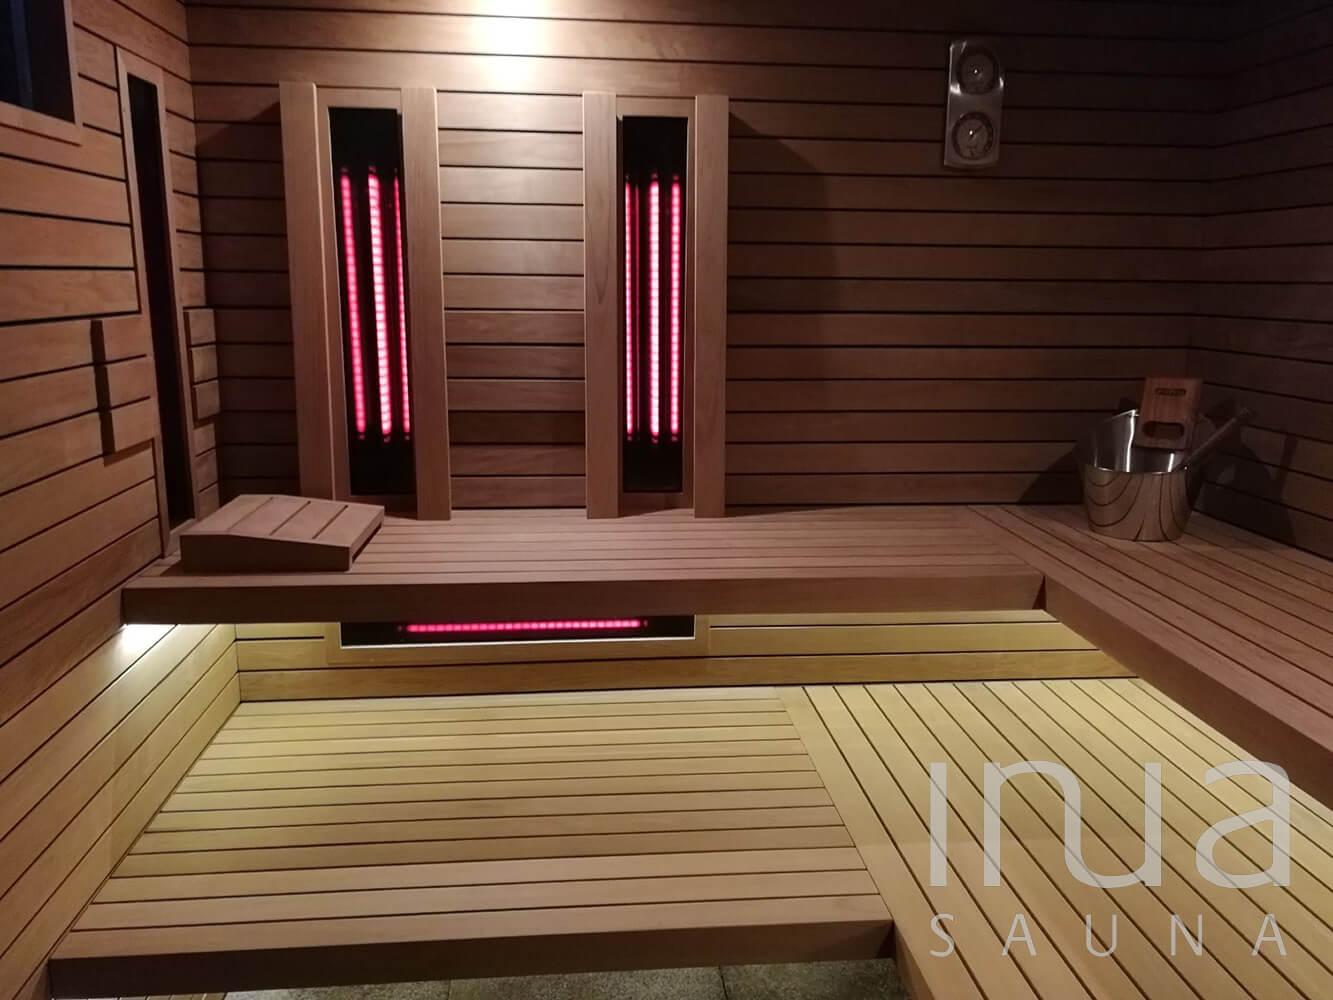 A belső burkolat thermowood égerből készült Inua panelrendszer, a padok, háttámlák és egyéb kiegészítők is mind-mind ebből a remek szauna építőanyagból készültek.